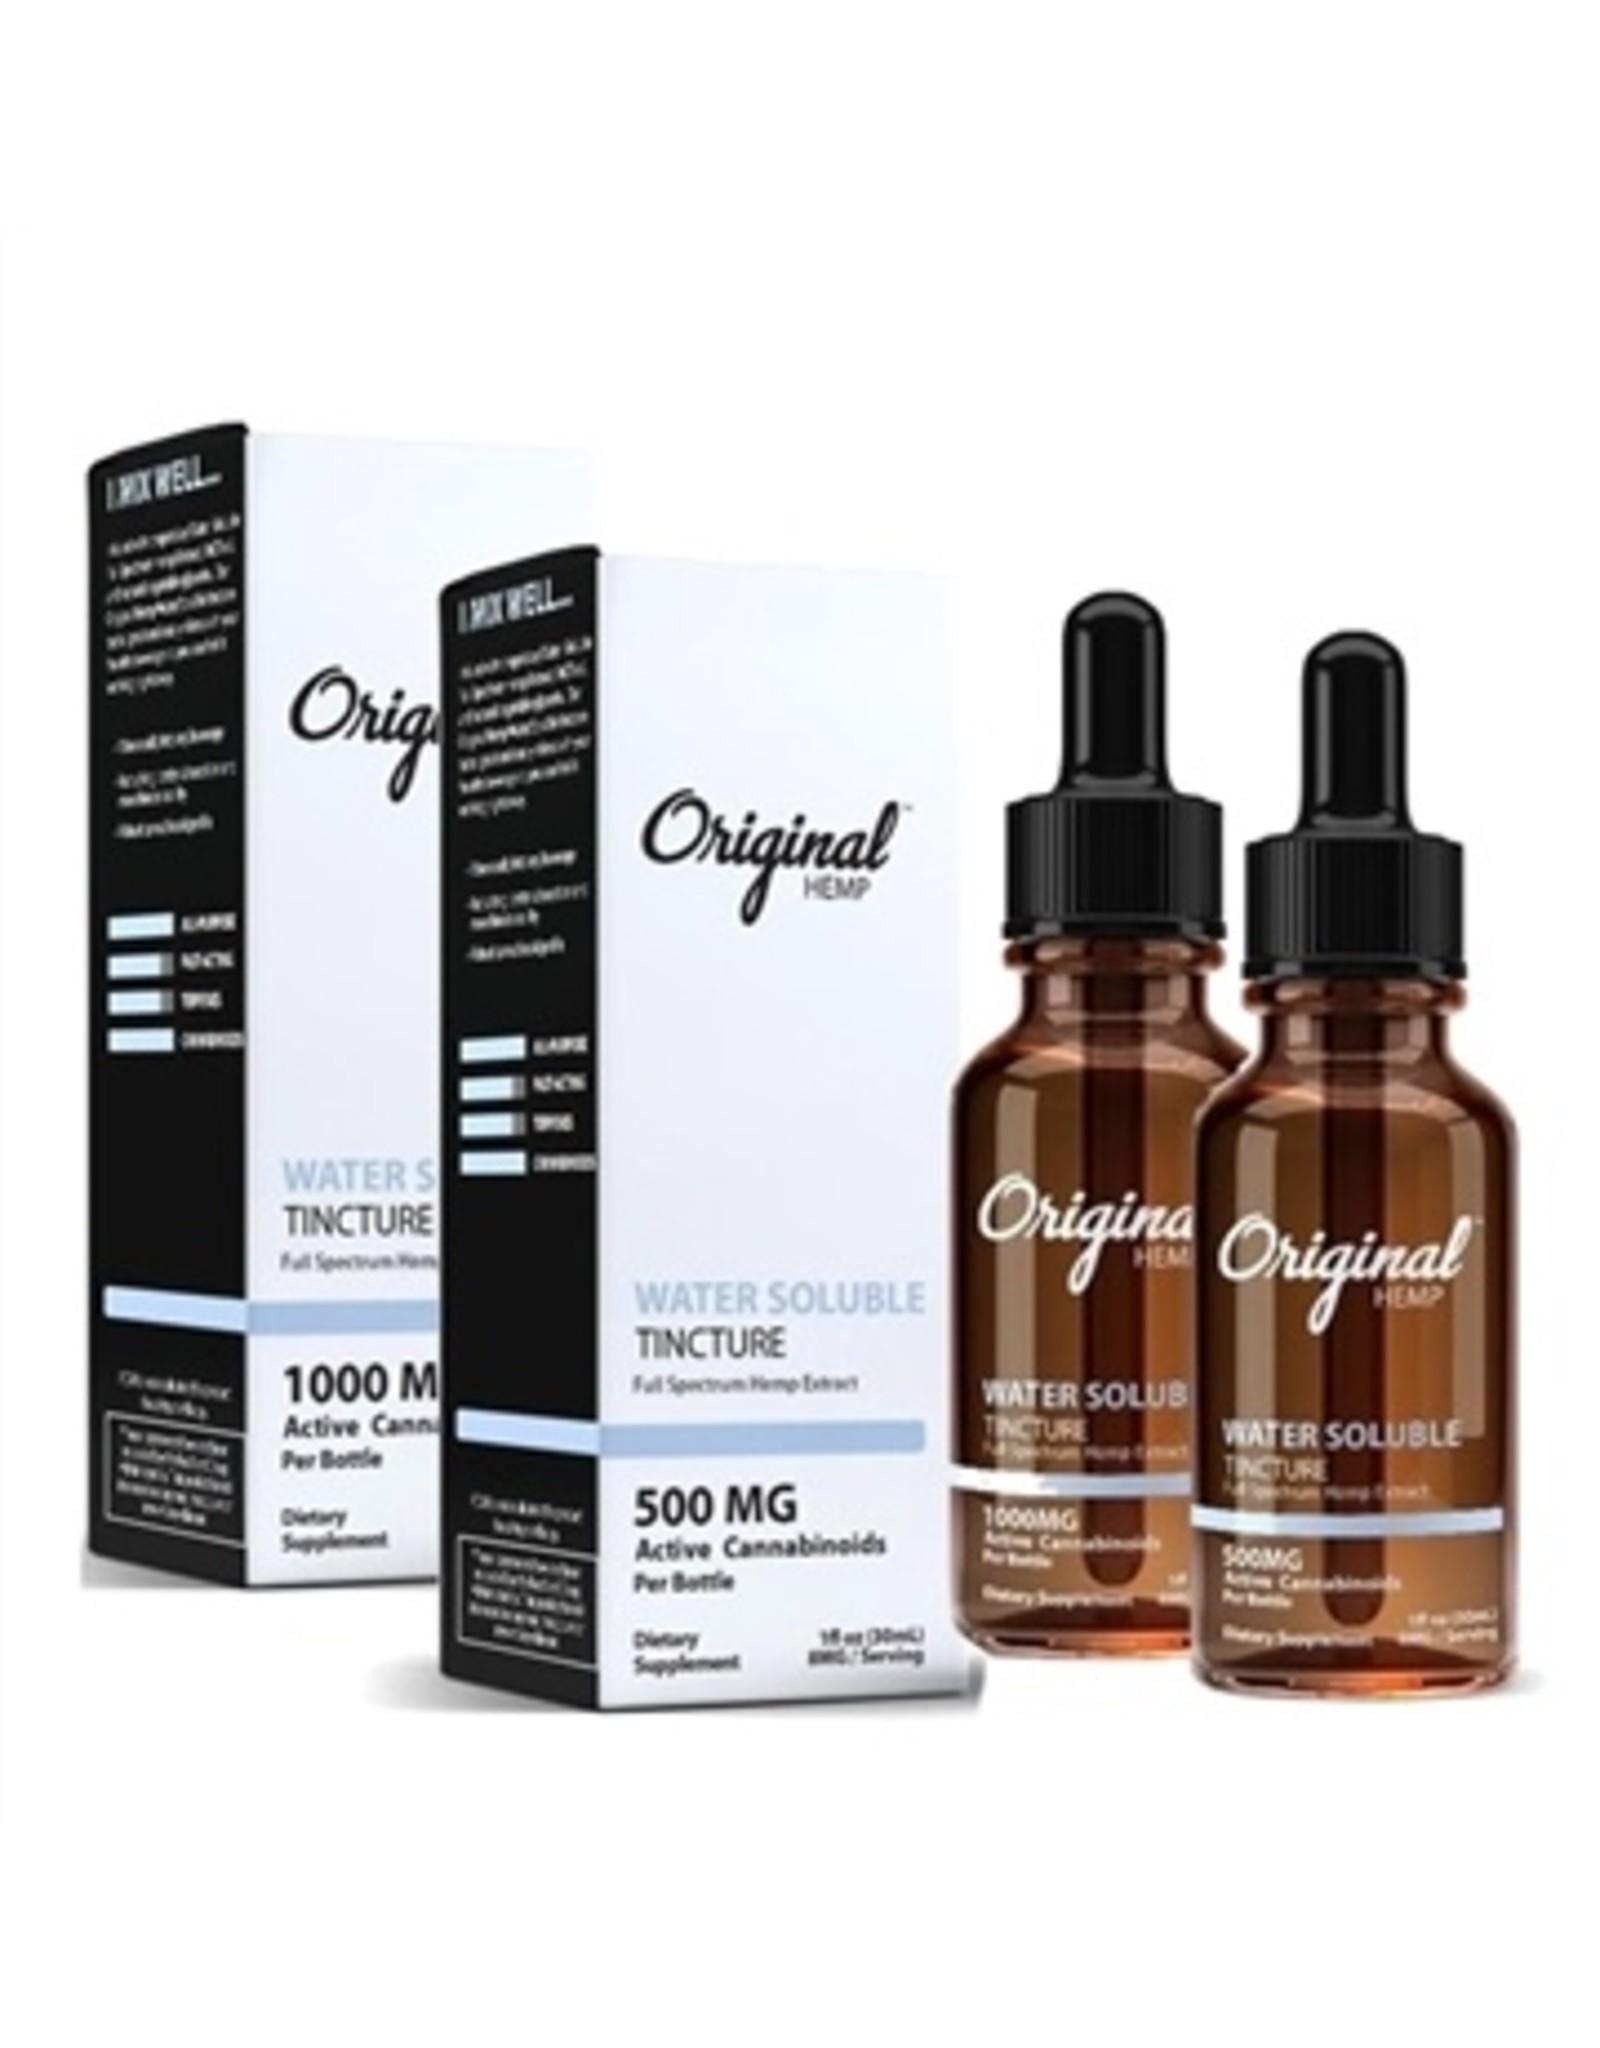 orginal hemp water soluble 500mg